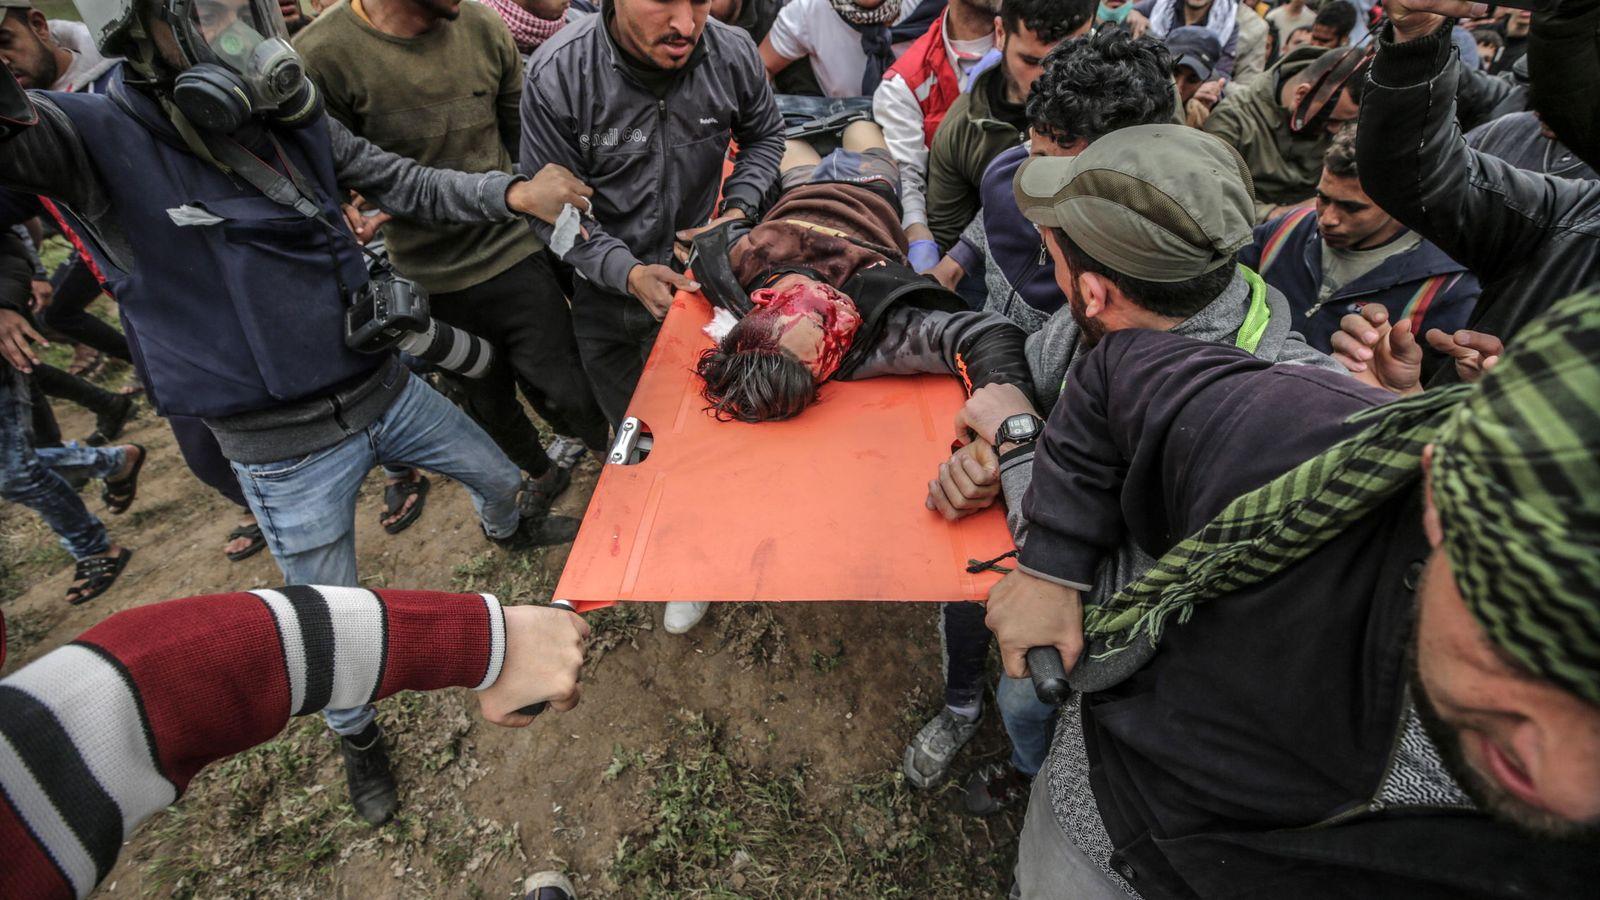 Foto: Un joven de 17 años ha muerto tras ser disparado por un soldado israelí. (Reuters)